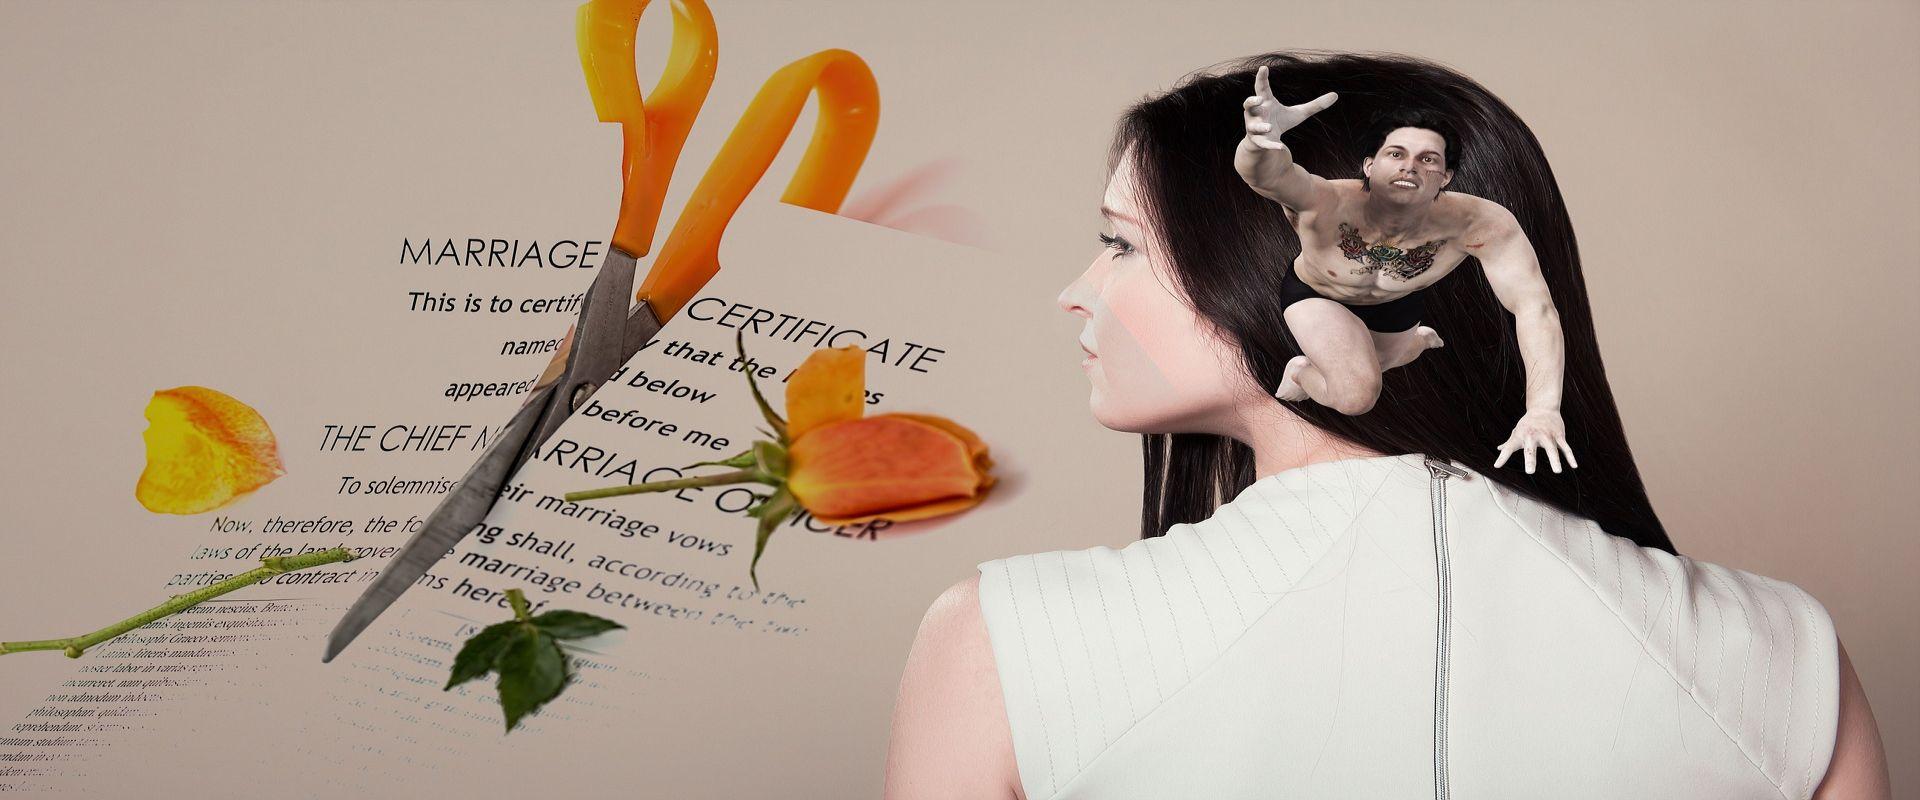 Koji su najčešći razlozi prevare u vezi ili braku